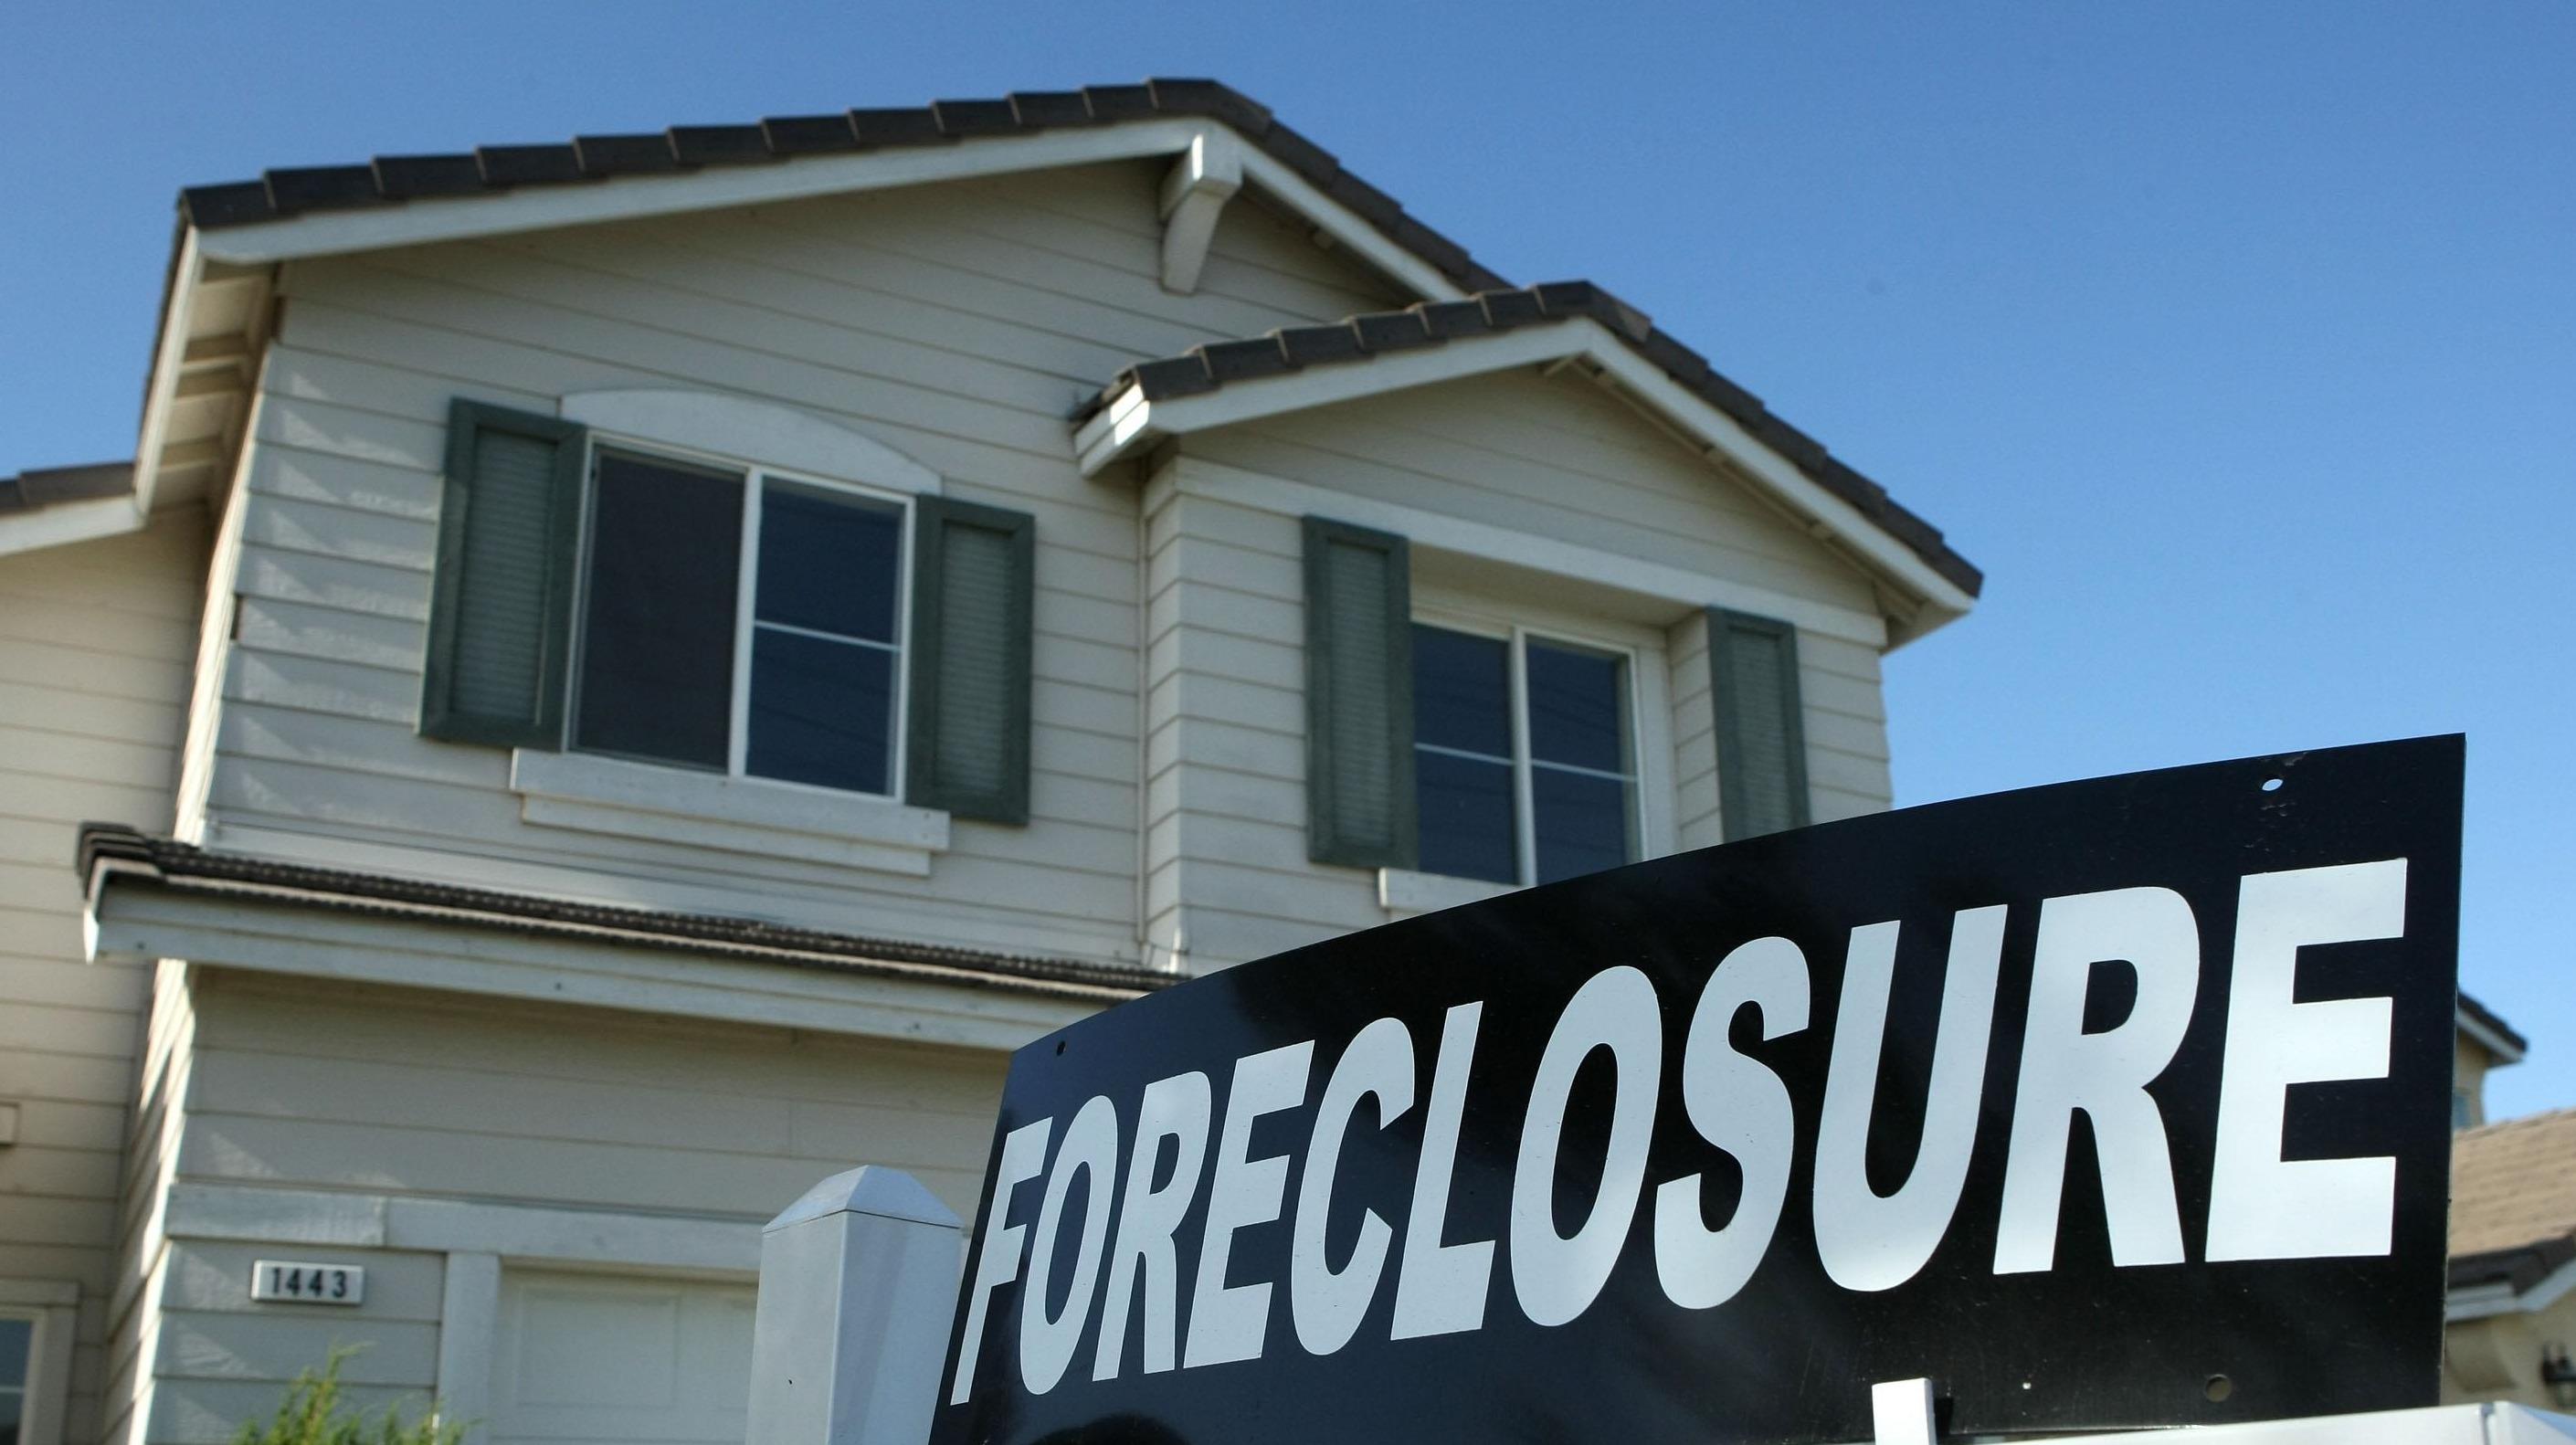 Inopponibilit dell 39 assegnazione della casa coniugale - Diritto di abitazione su immobile in comproprieta ...